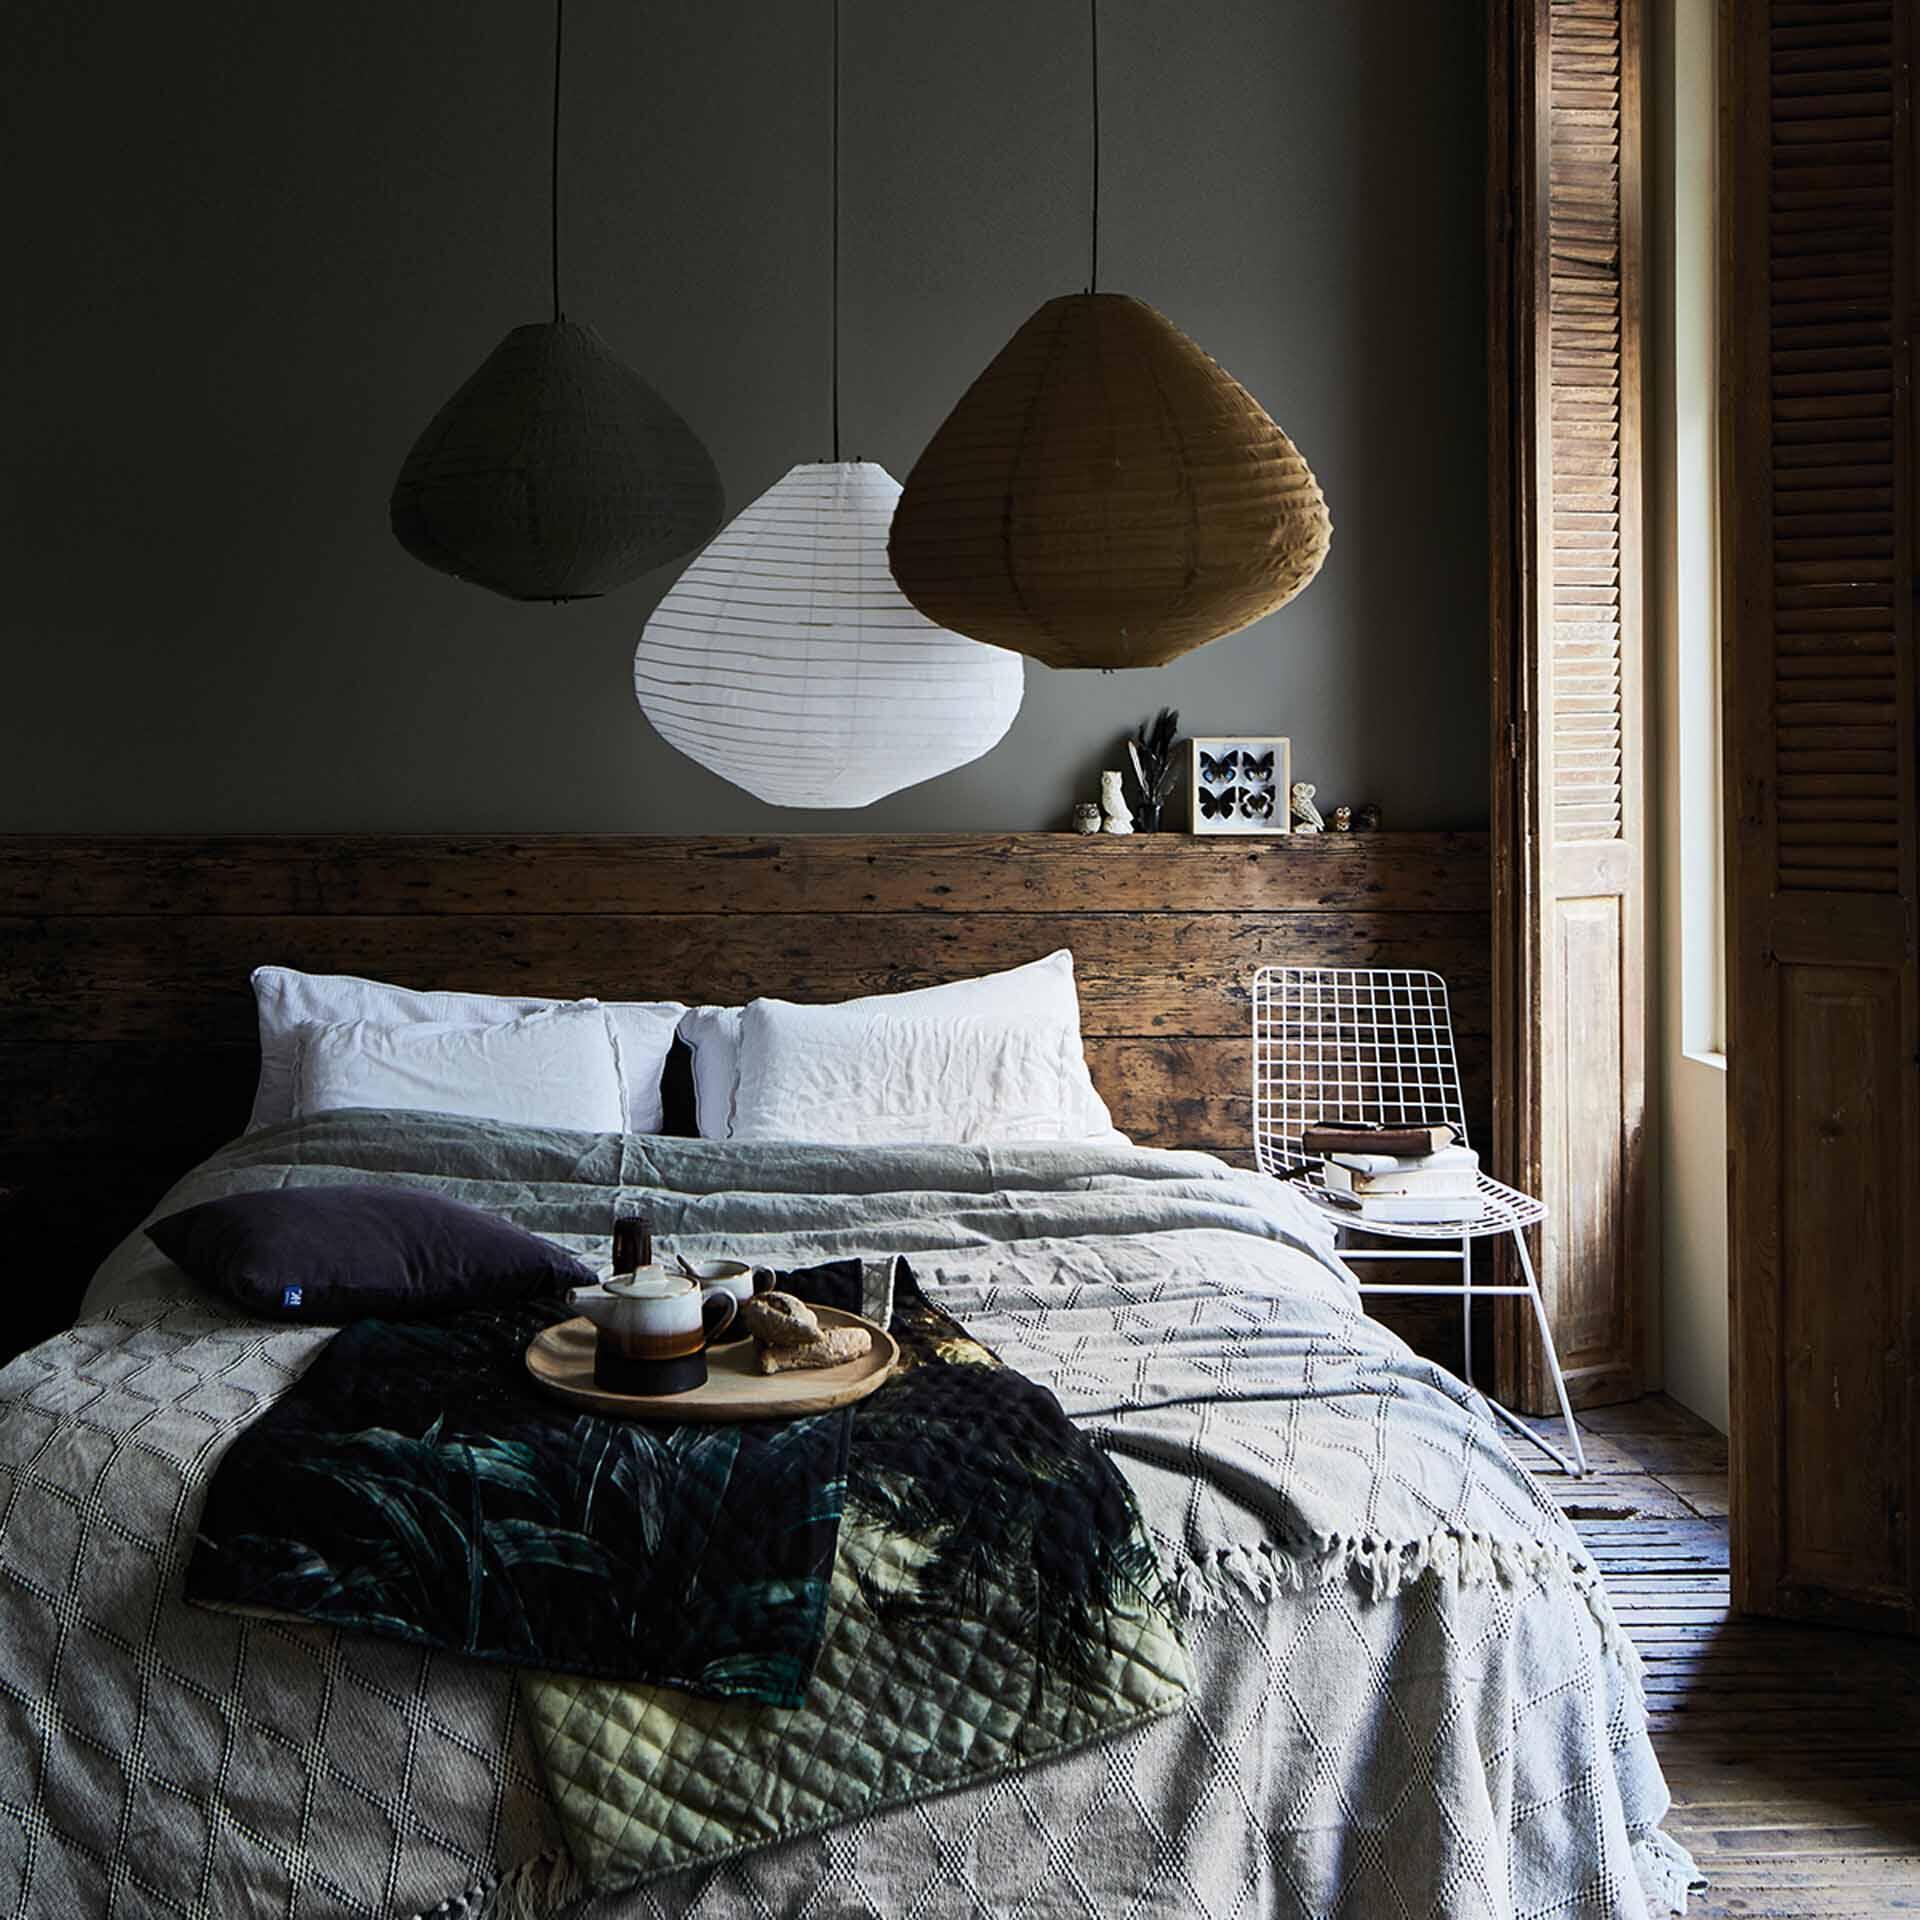 Quelle ampoule choisir pour chambre ?